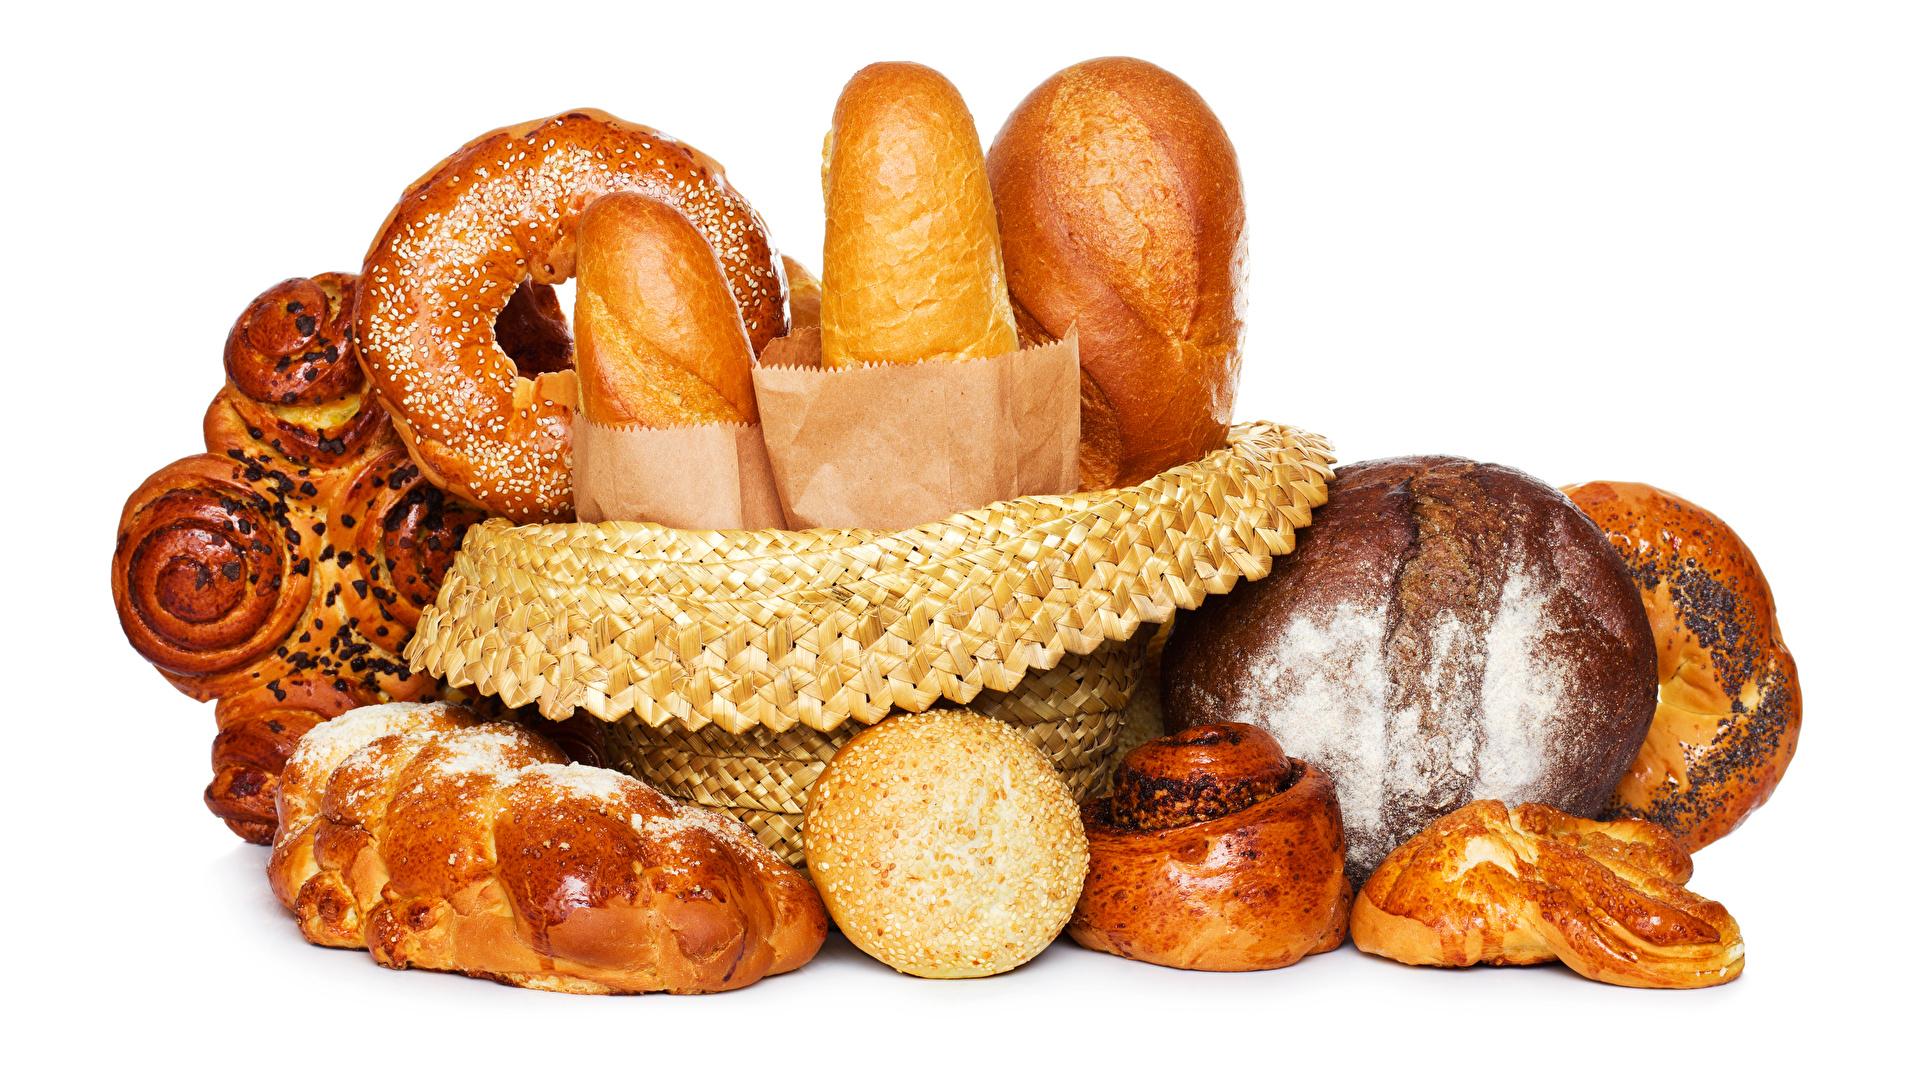 Картинки Хлеб Булочки Еда Выпечка Белый фон 1920x1080 Пища Продукты питания белом фоне белым фоном